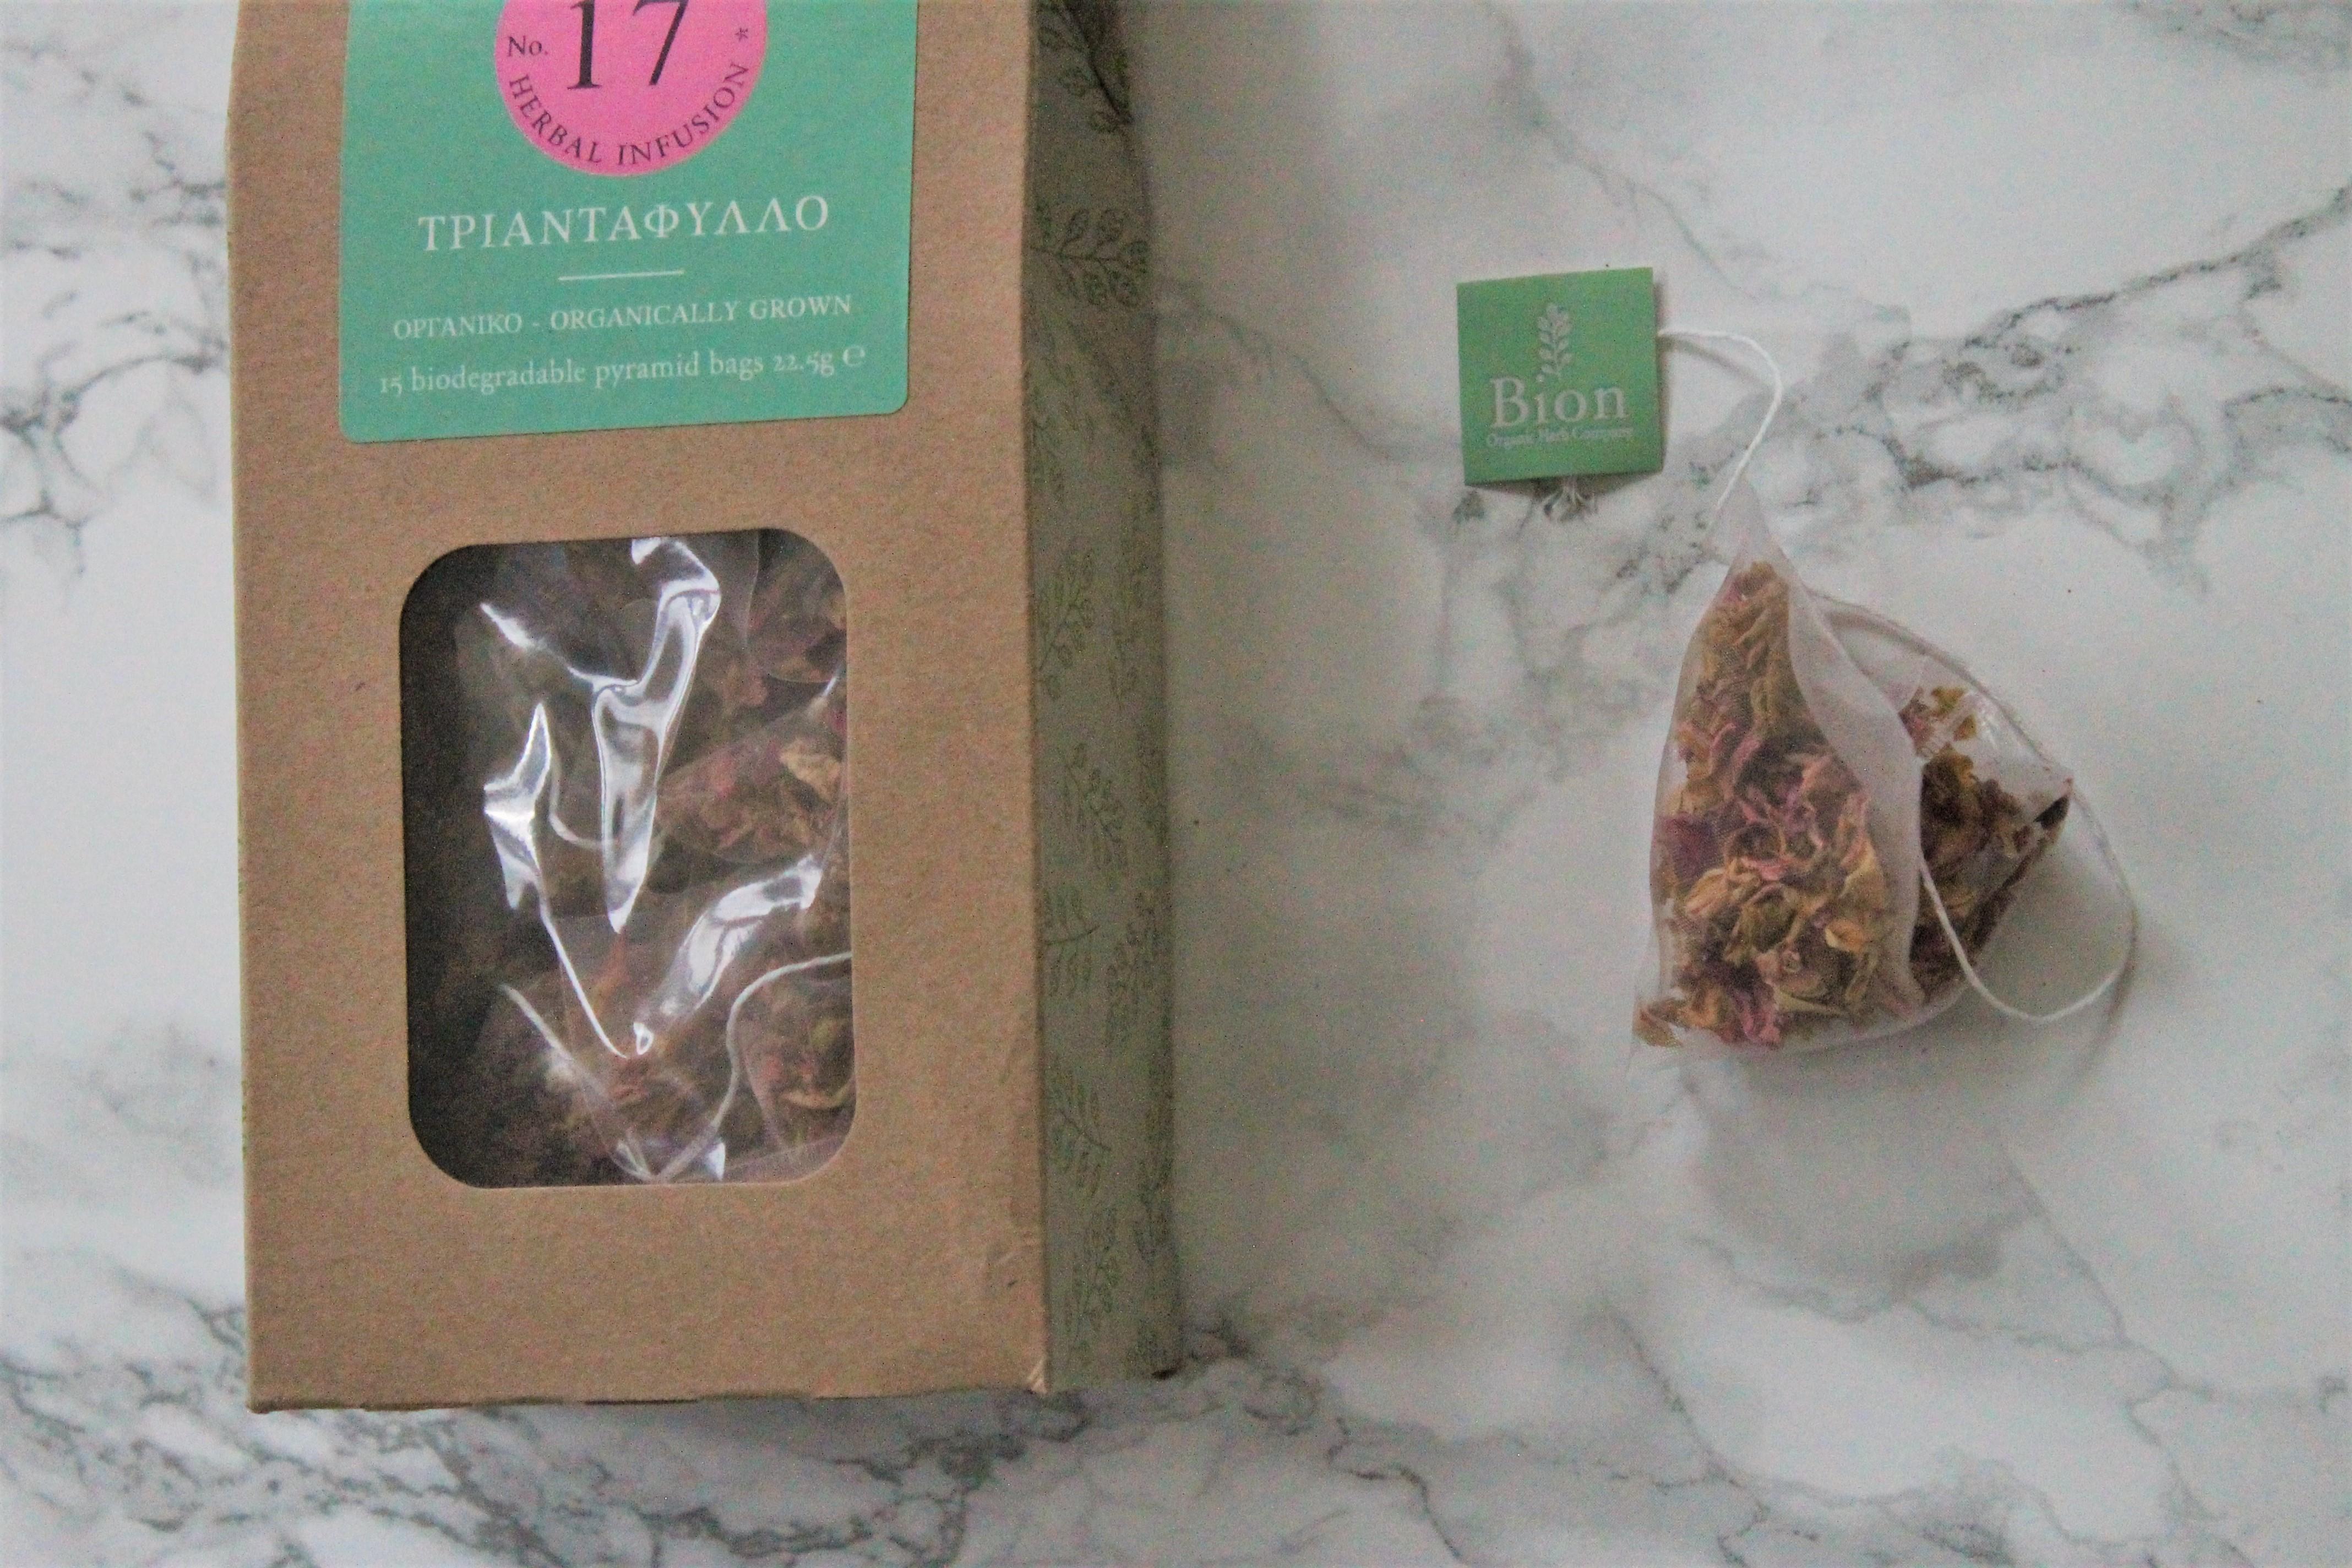 bion rose petal tea